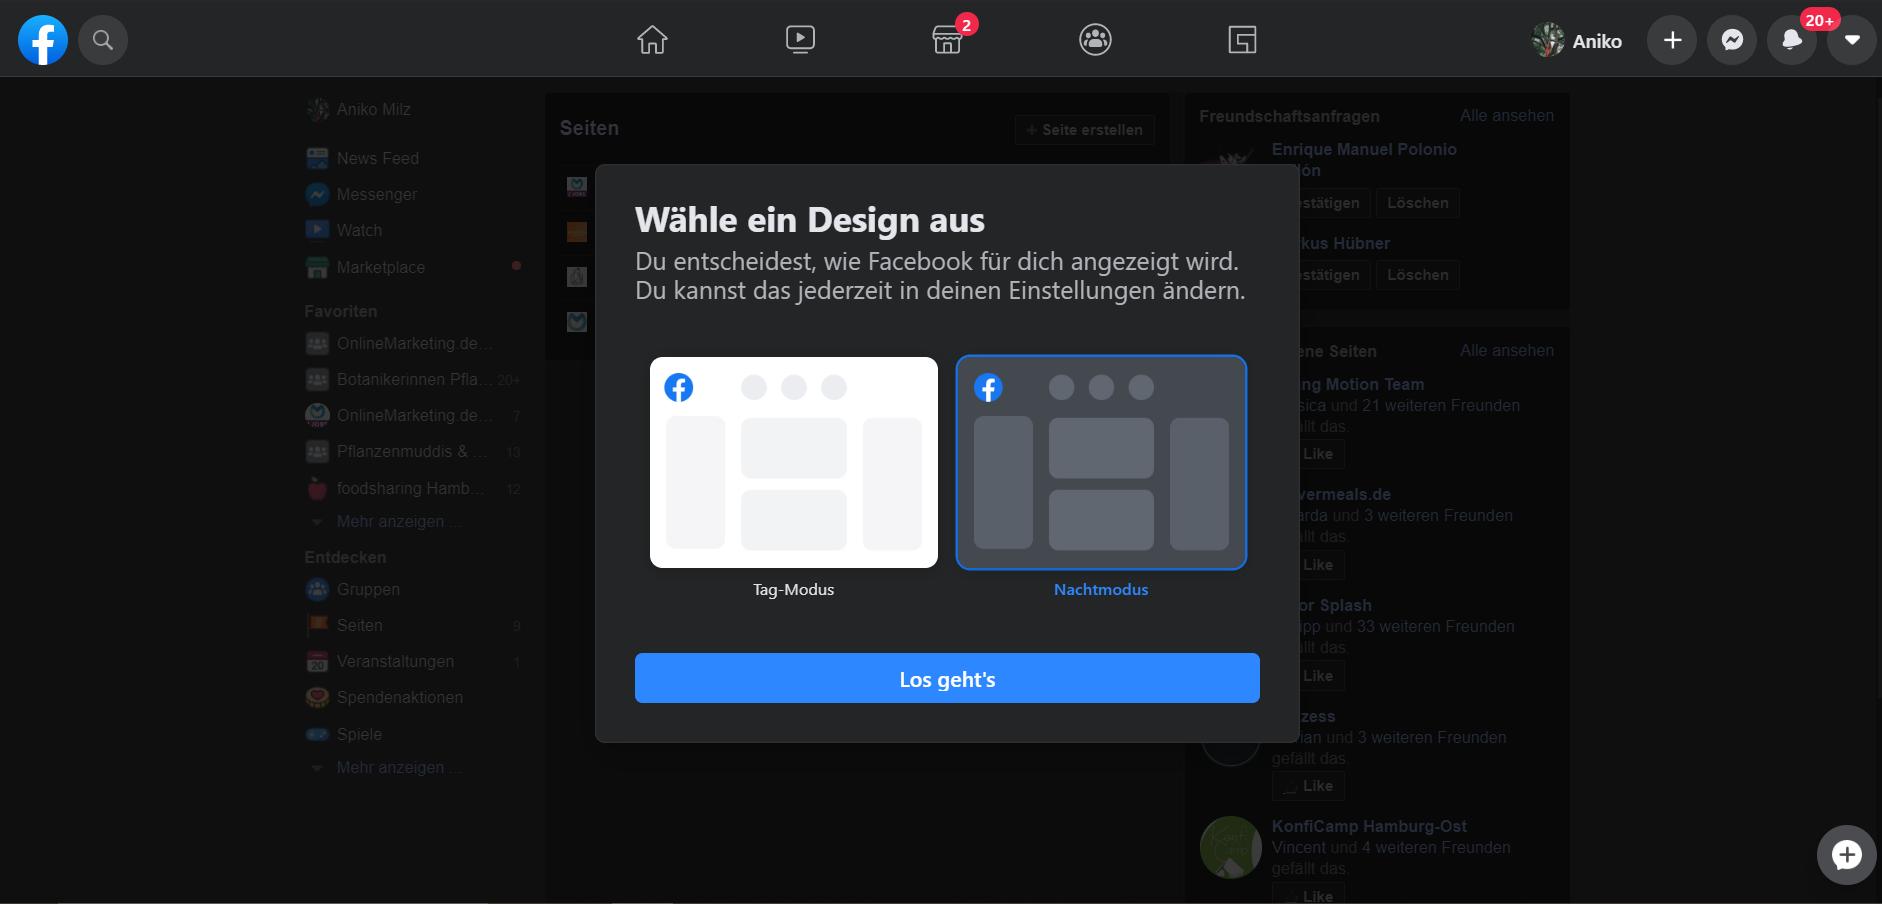 Dark Mode des neuen Facebook-Designs